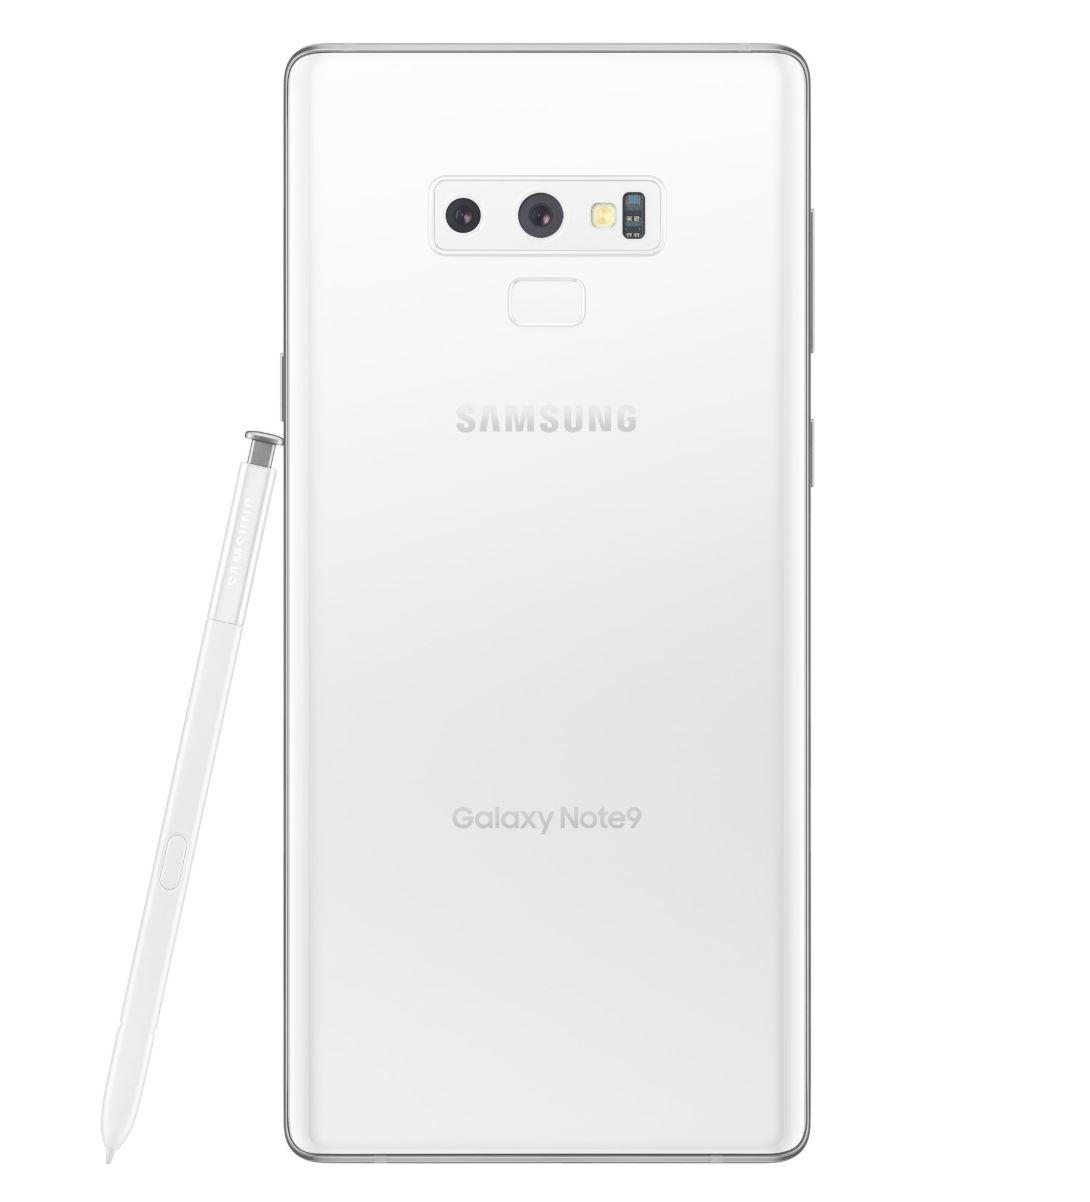 Samsung Galaxy Note9 in Weiß